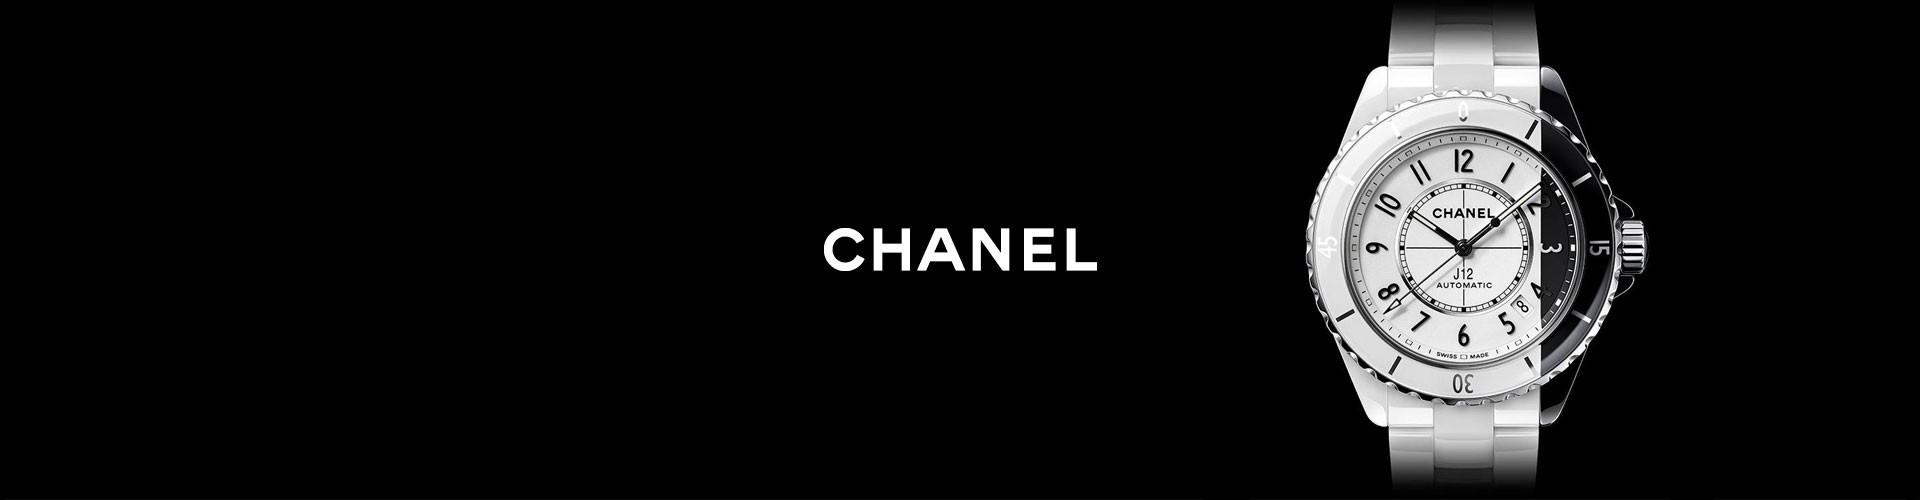 Montre Chanel femme : Montre de luxe chez Ben Jannet